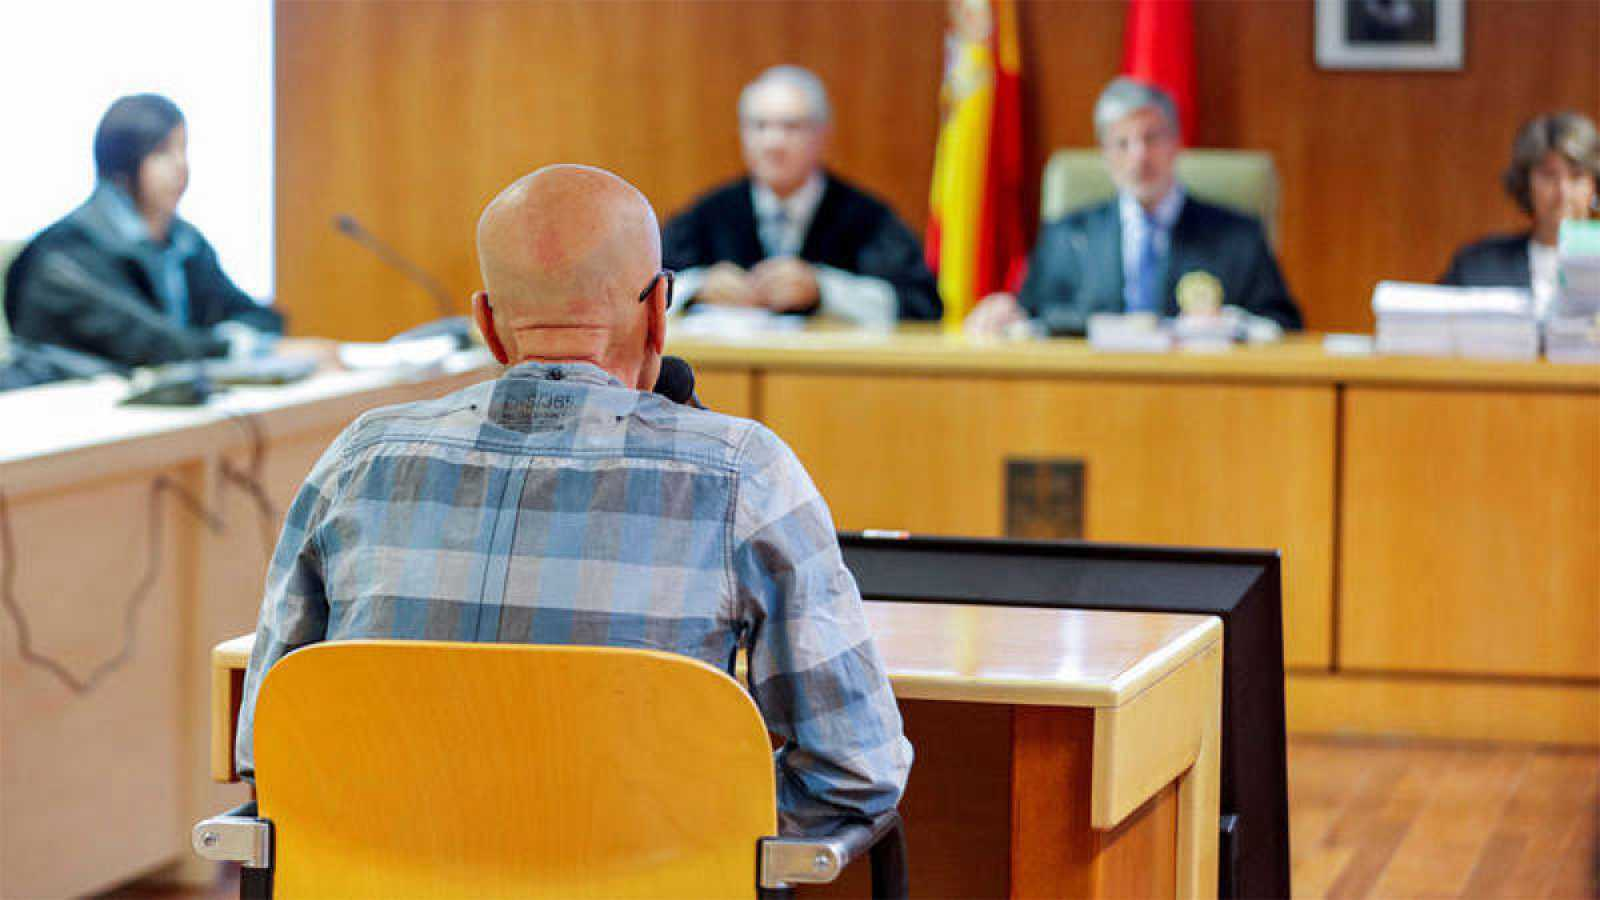 """Pedro Luis Gallego, comocido comoel """"violador del ascensor""""pormás de 20 violaciones y dos asesinatos juzgados en los 90,se ha reconocido culpable de lasdos violaciones consumadas y dos en grado de tentativapor las que se le juzga, cometidas en"""